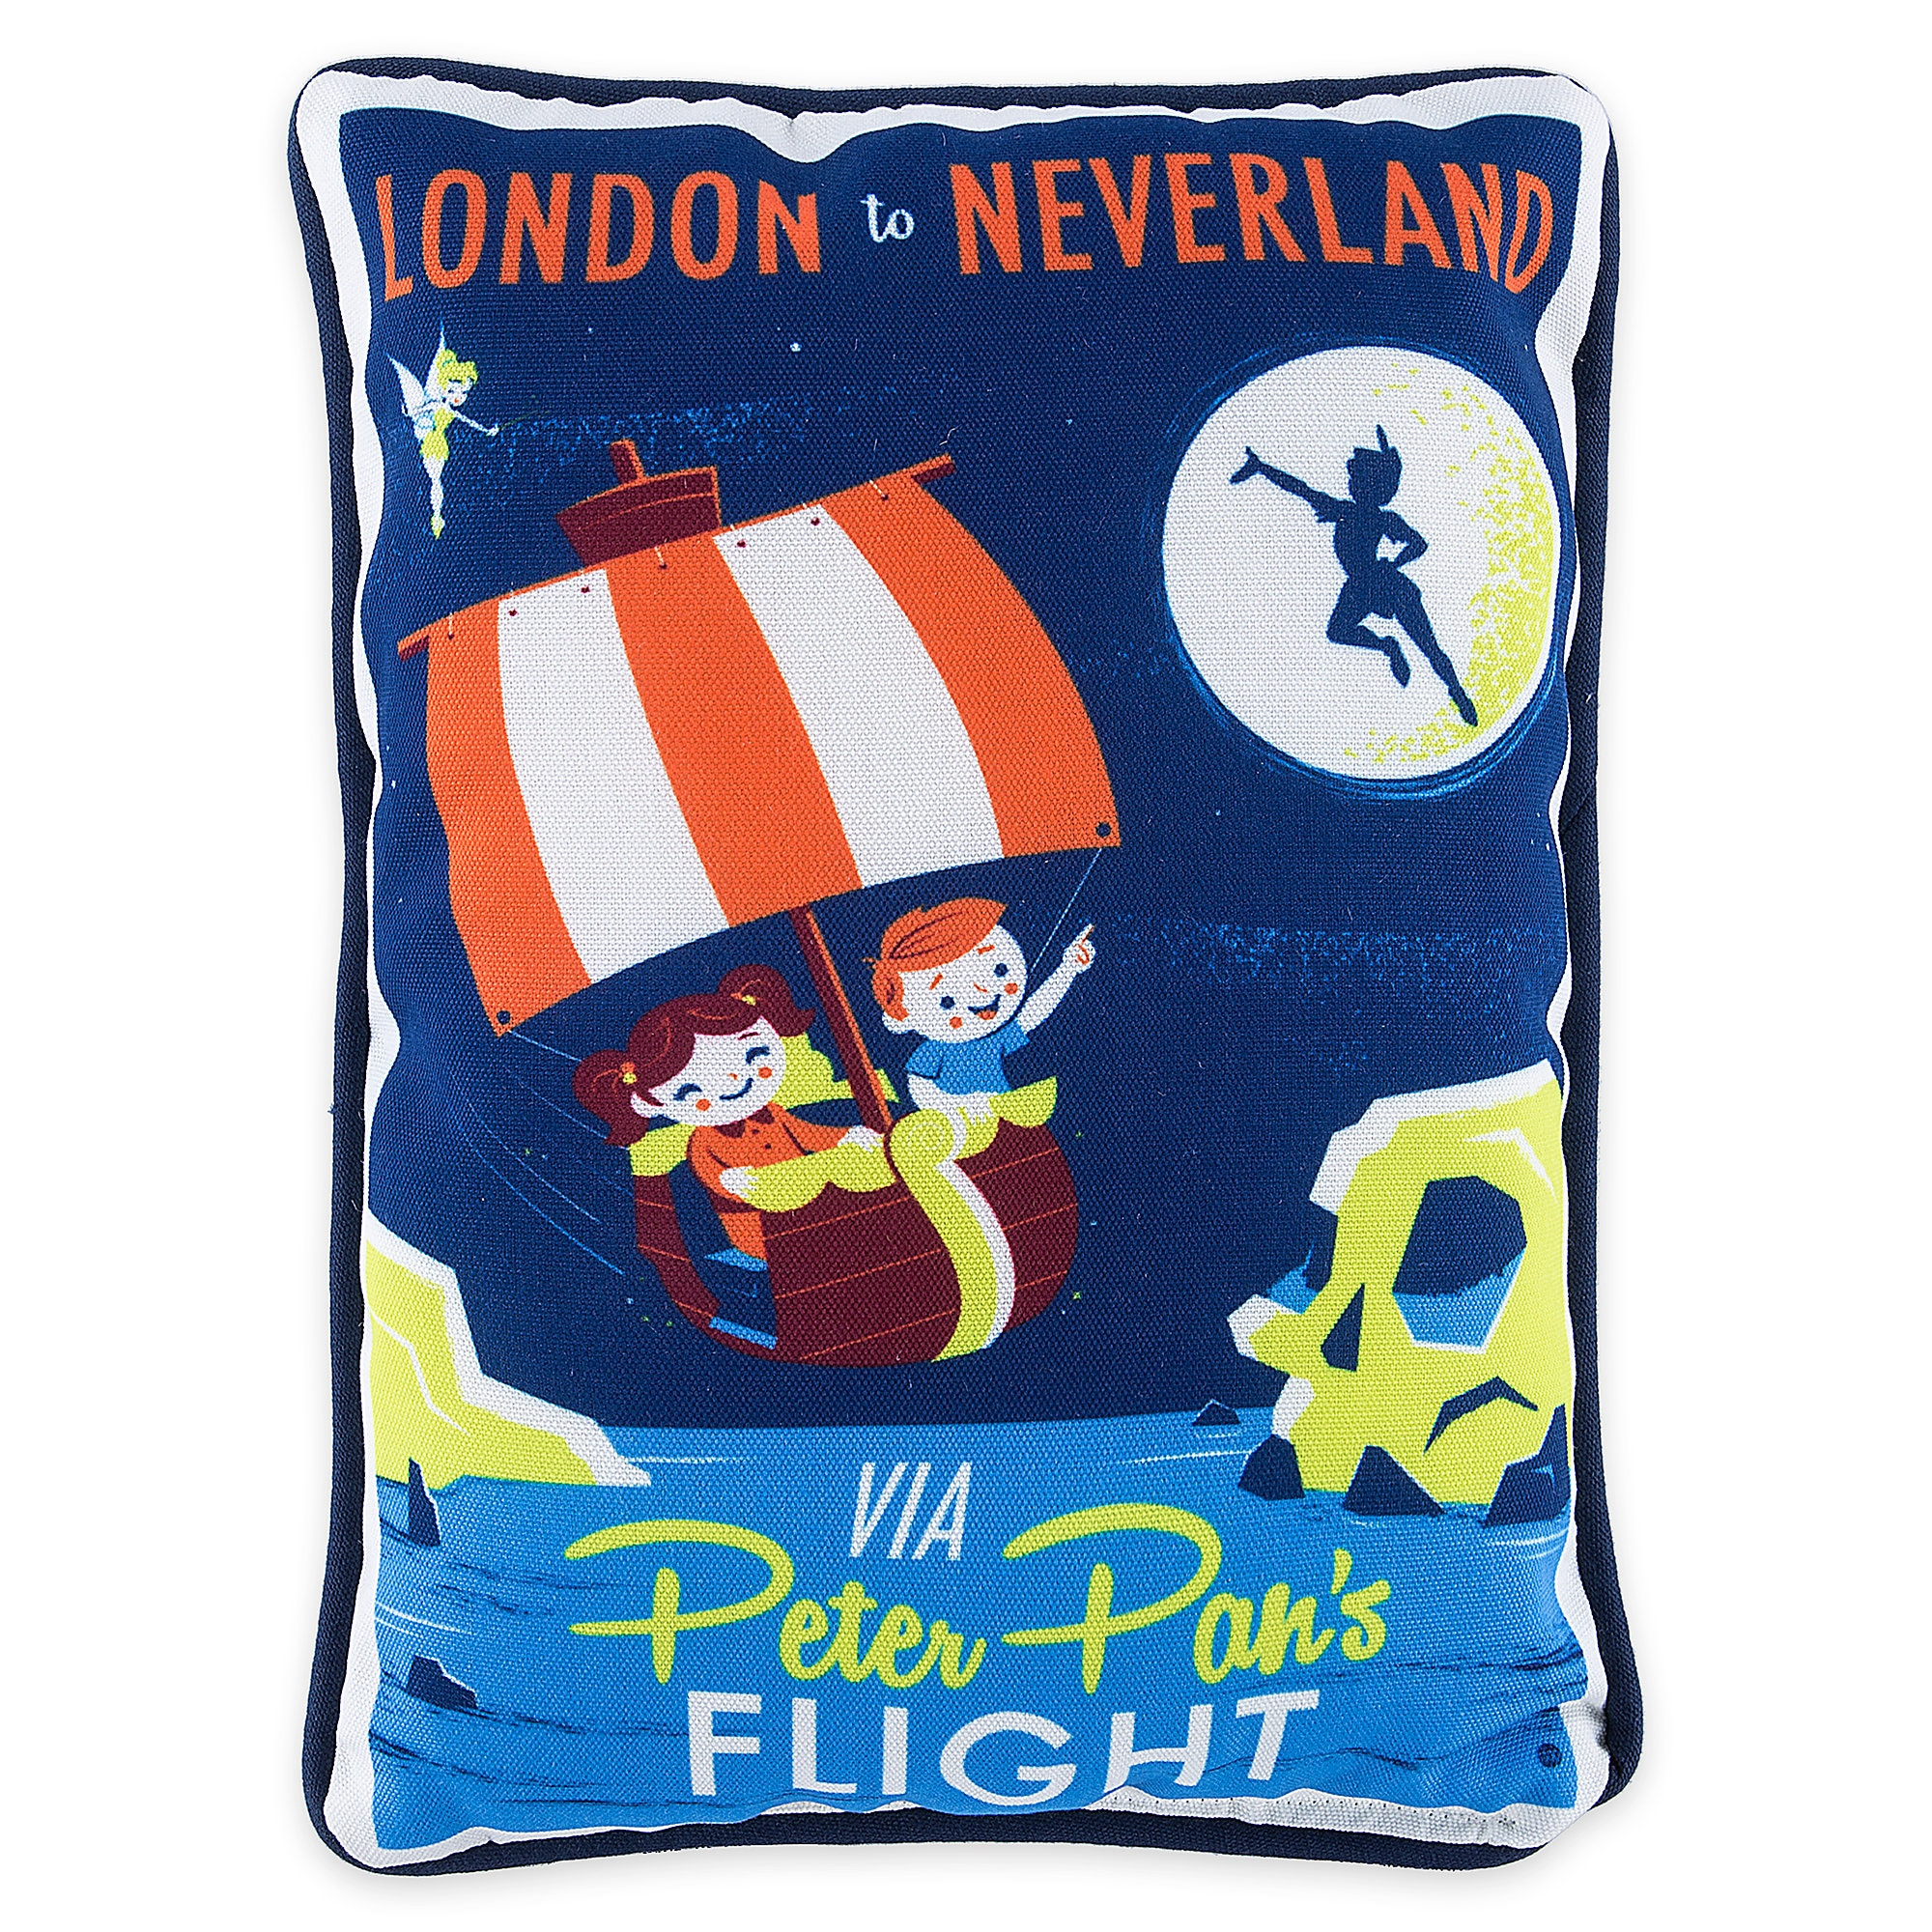 Peter Pan's Flight Retro Pillow